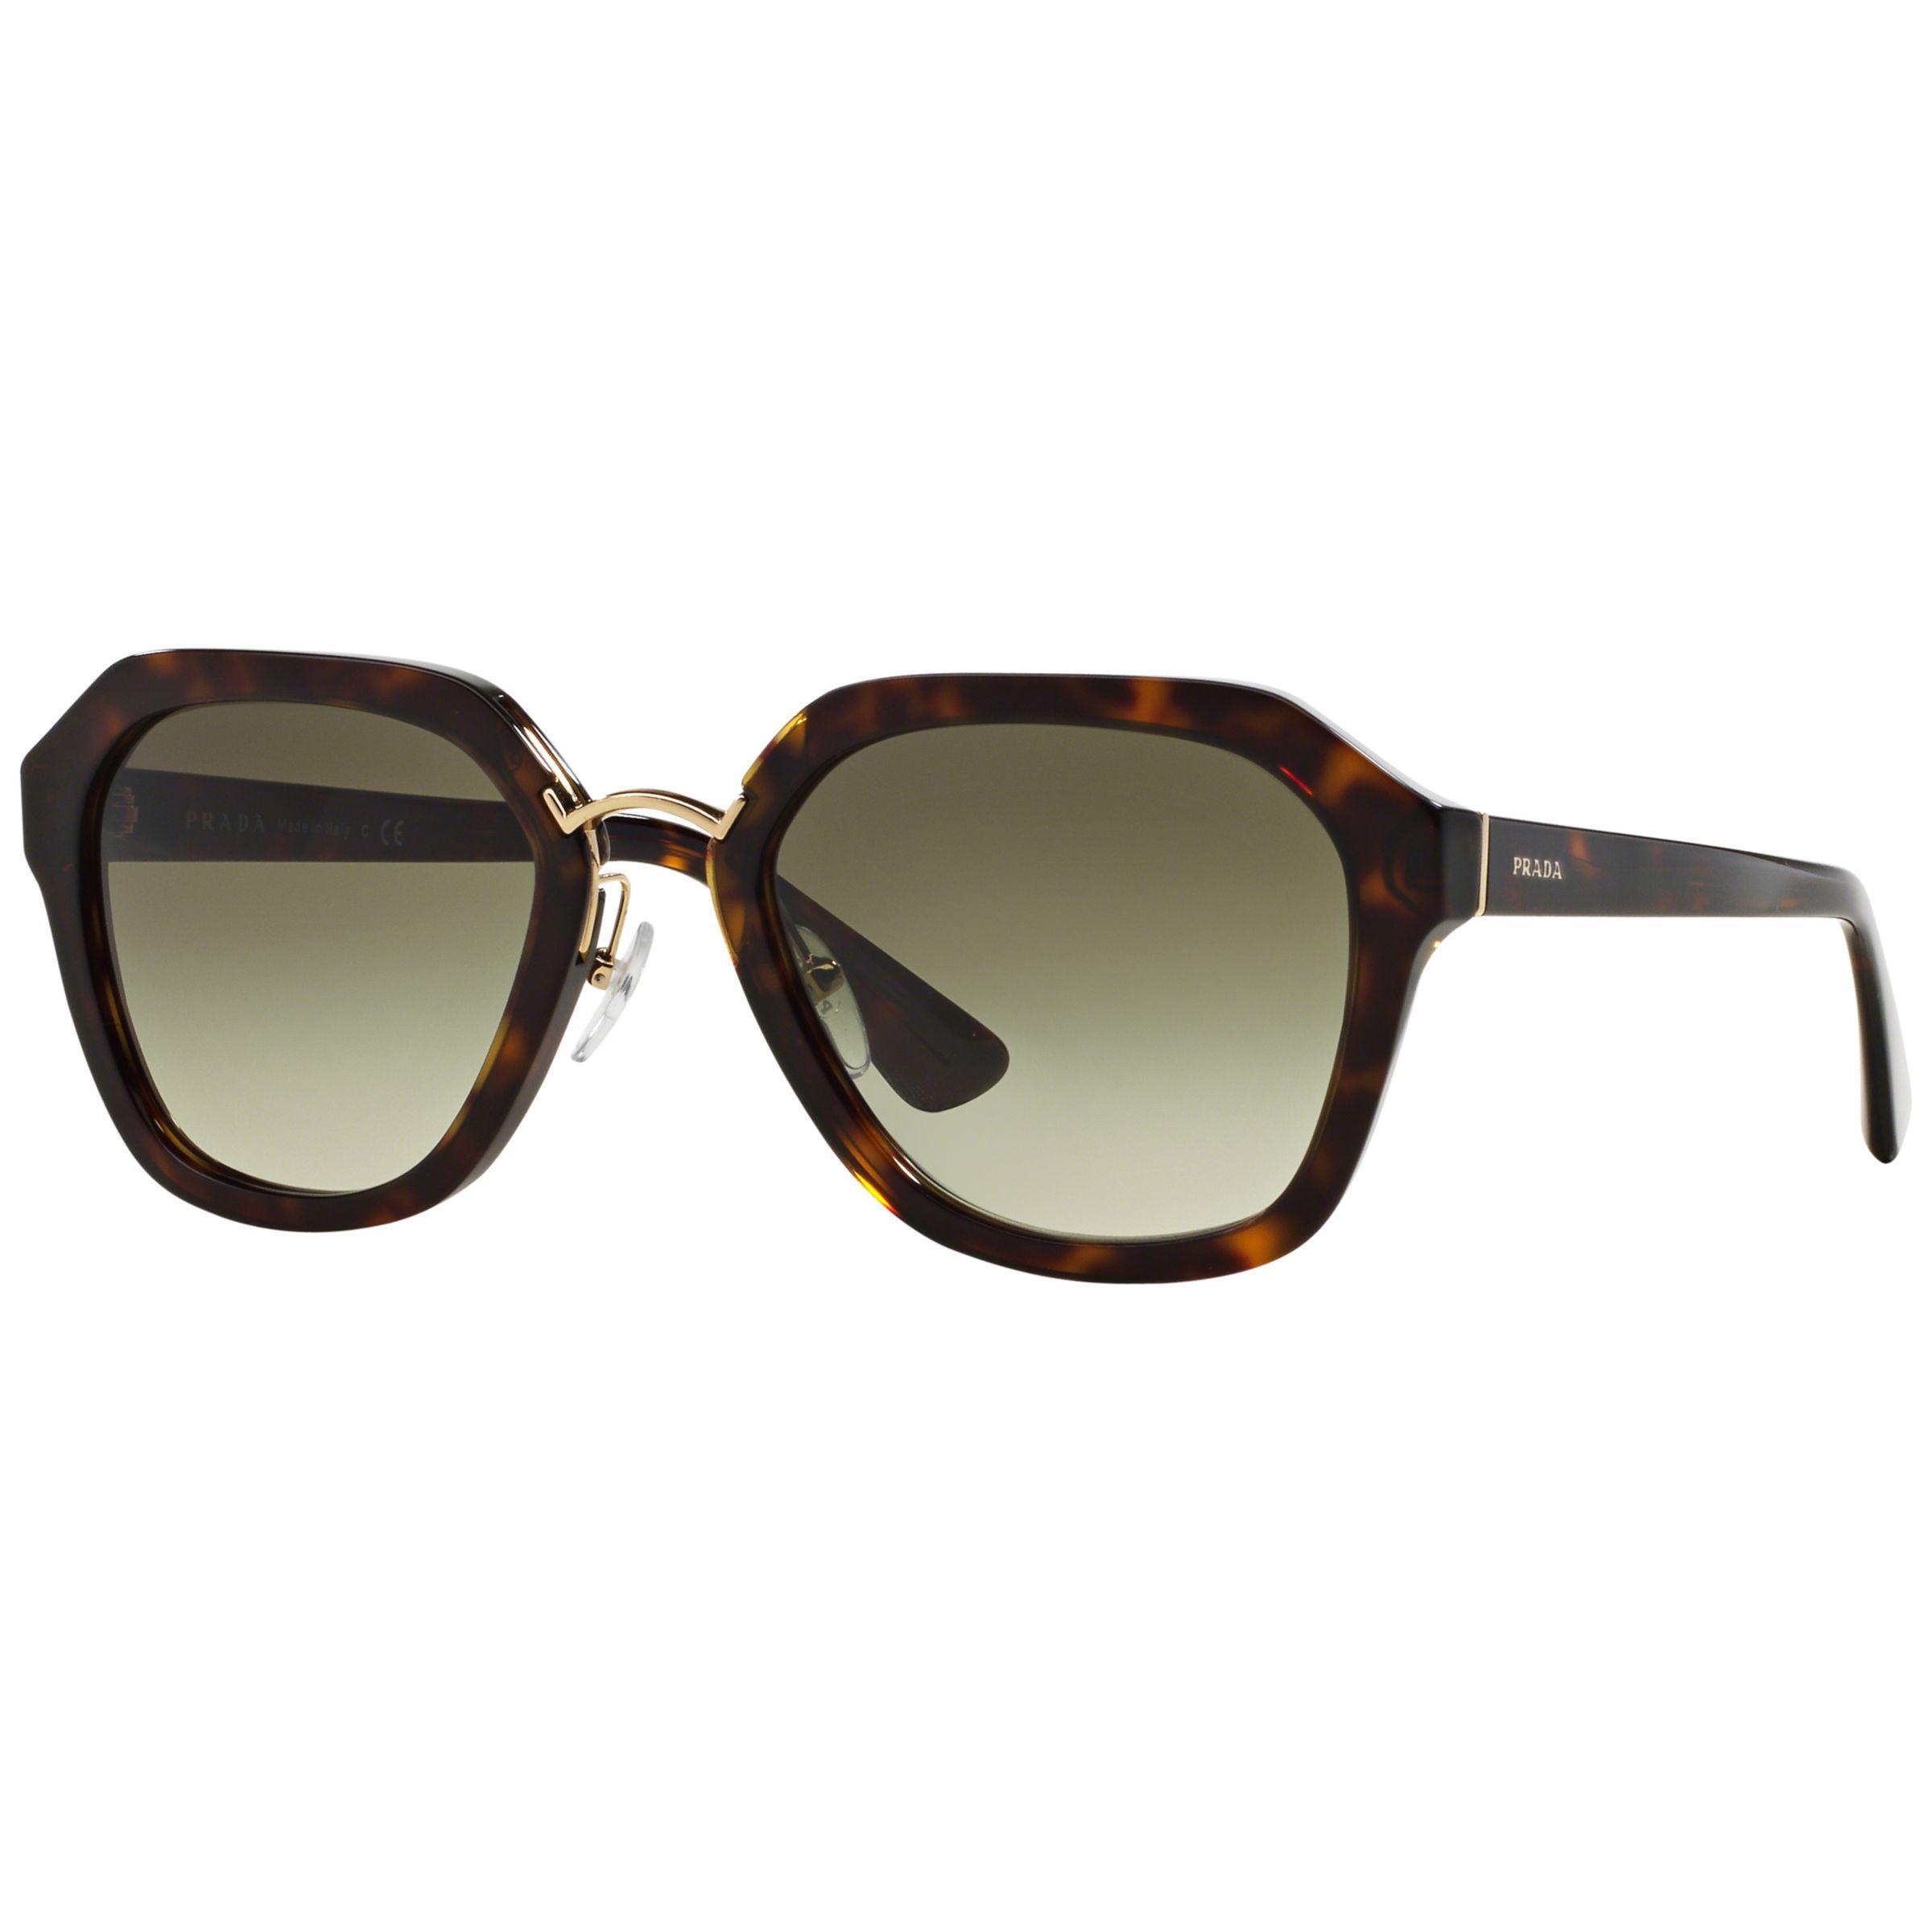 44116ef5fcab Prada Pr25rs Cinema Sunglasses in Brown - Lyst